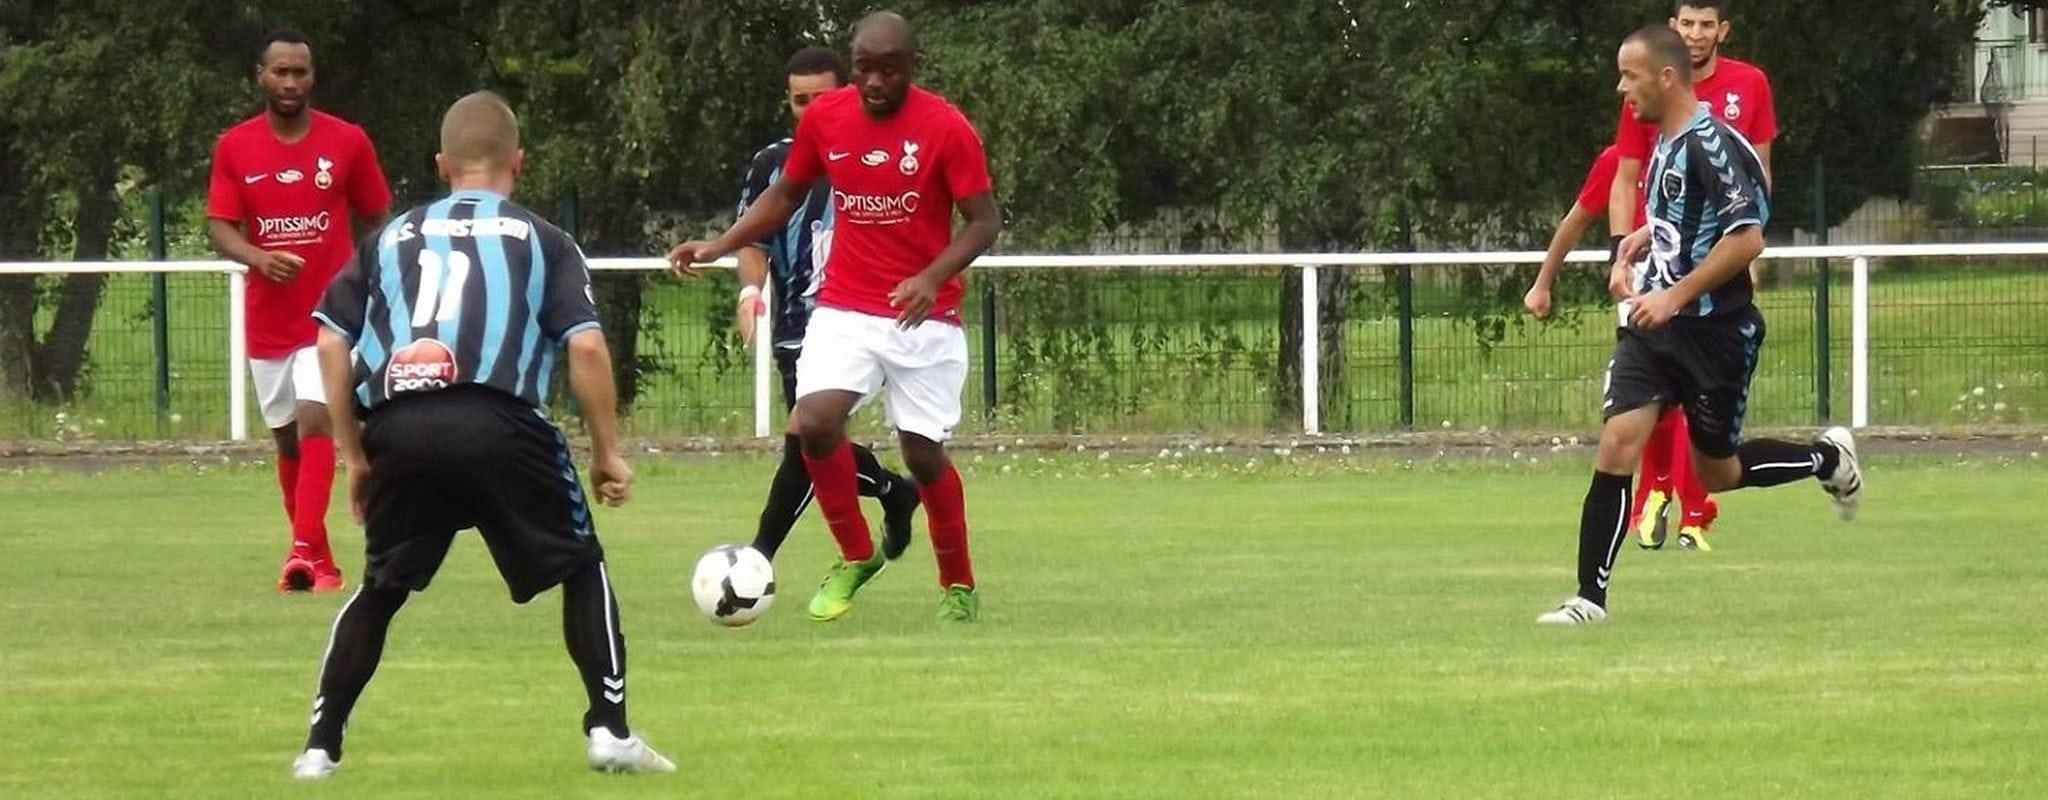 Quatre suspensions après des affrontements racistes en marge d'un match de foot à Mackenheim